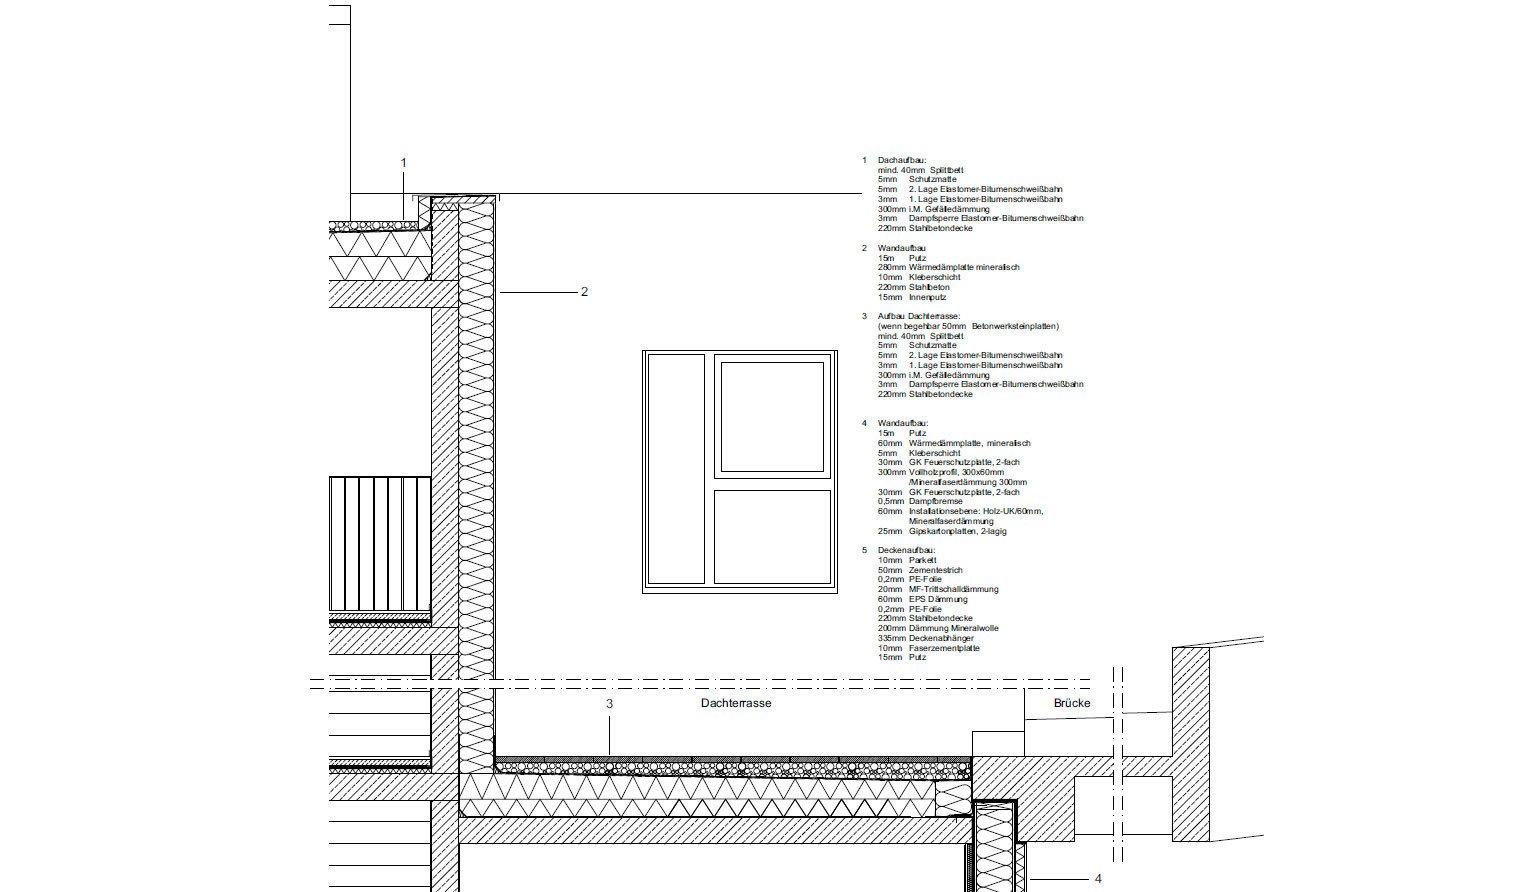 genossenschaftliche wohnanlage wagnisart in m nchen flachdach wohnen baunetz wissen. Black Bedroom Furniture Sets. Home Design Ideas